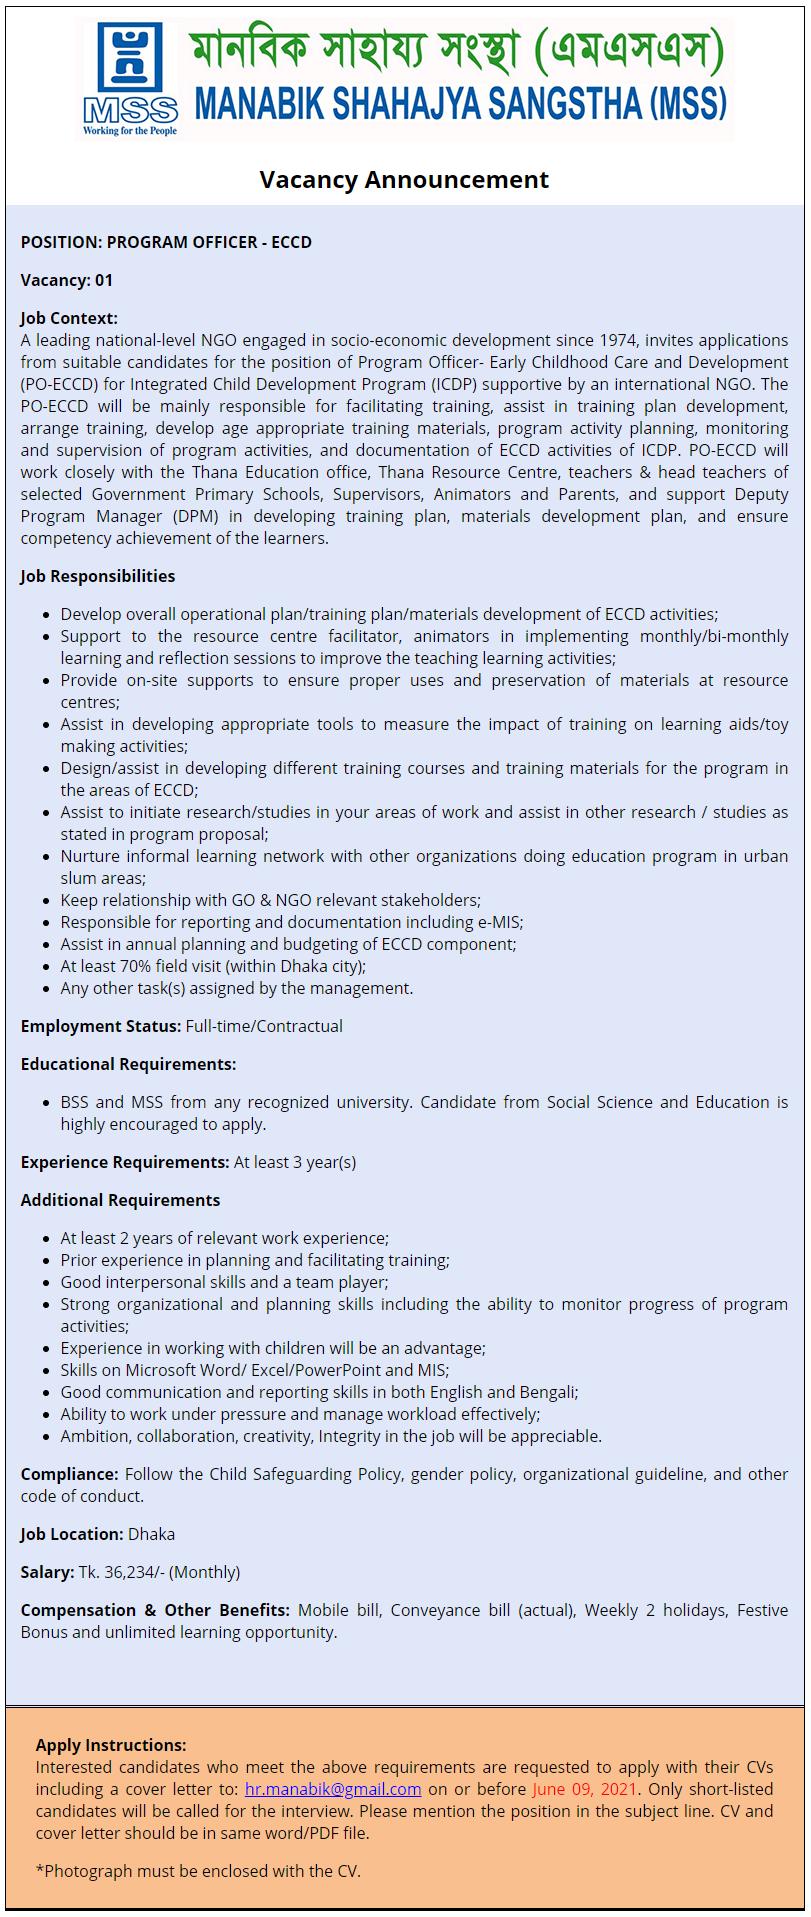 মানবিক সাহায্য সংস্থা (এমএসএস) নিয়োগ বিজ্ঞপ্তি ২০২১ - Manabik Shahajya Sangstha (MSS) Job Circular 2021